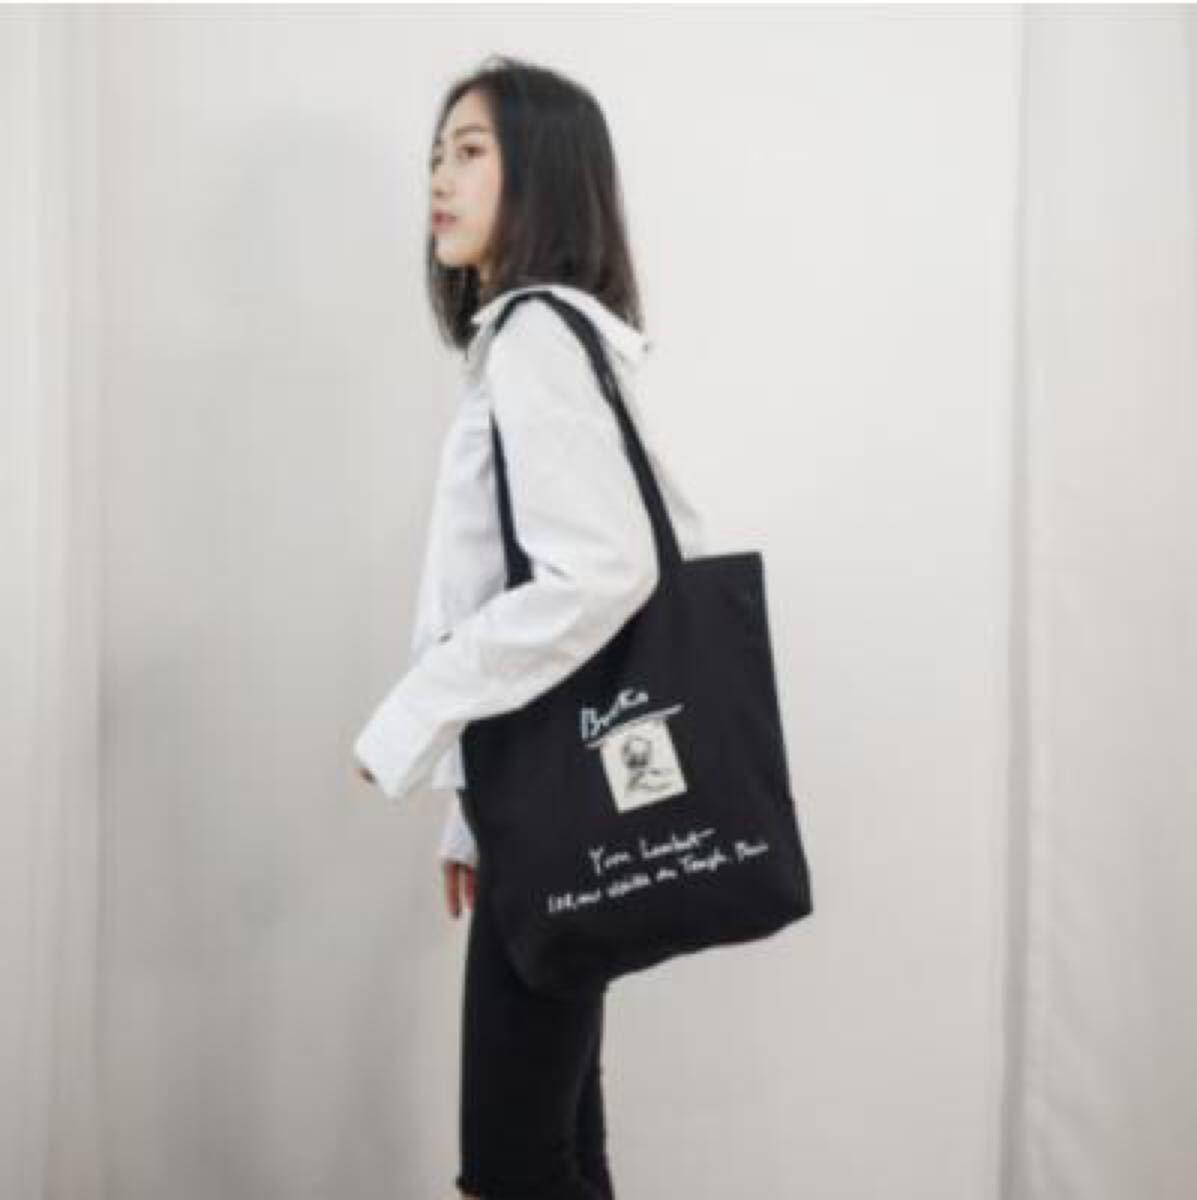 【ブラック キャンバスバッグ】トートバッグ  刺繍 A4 内ポケ 韓国 黒 ショッピングバッグ サブバッグ エコバッグ ブラック